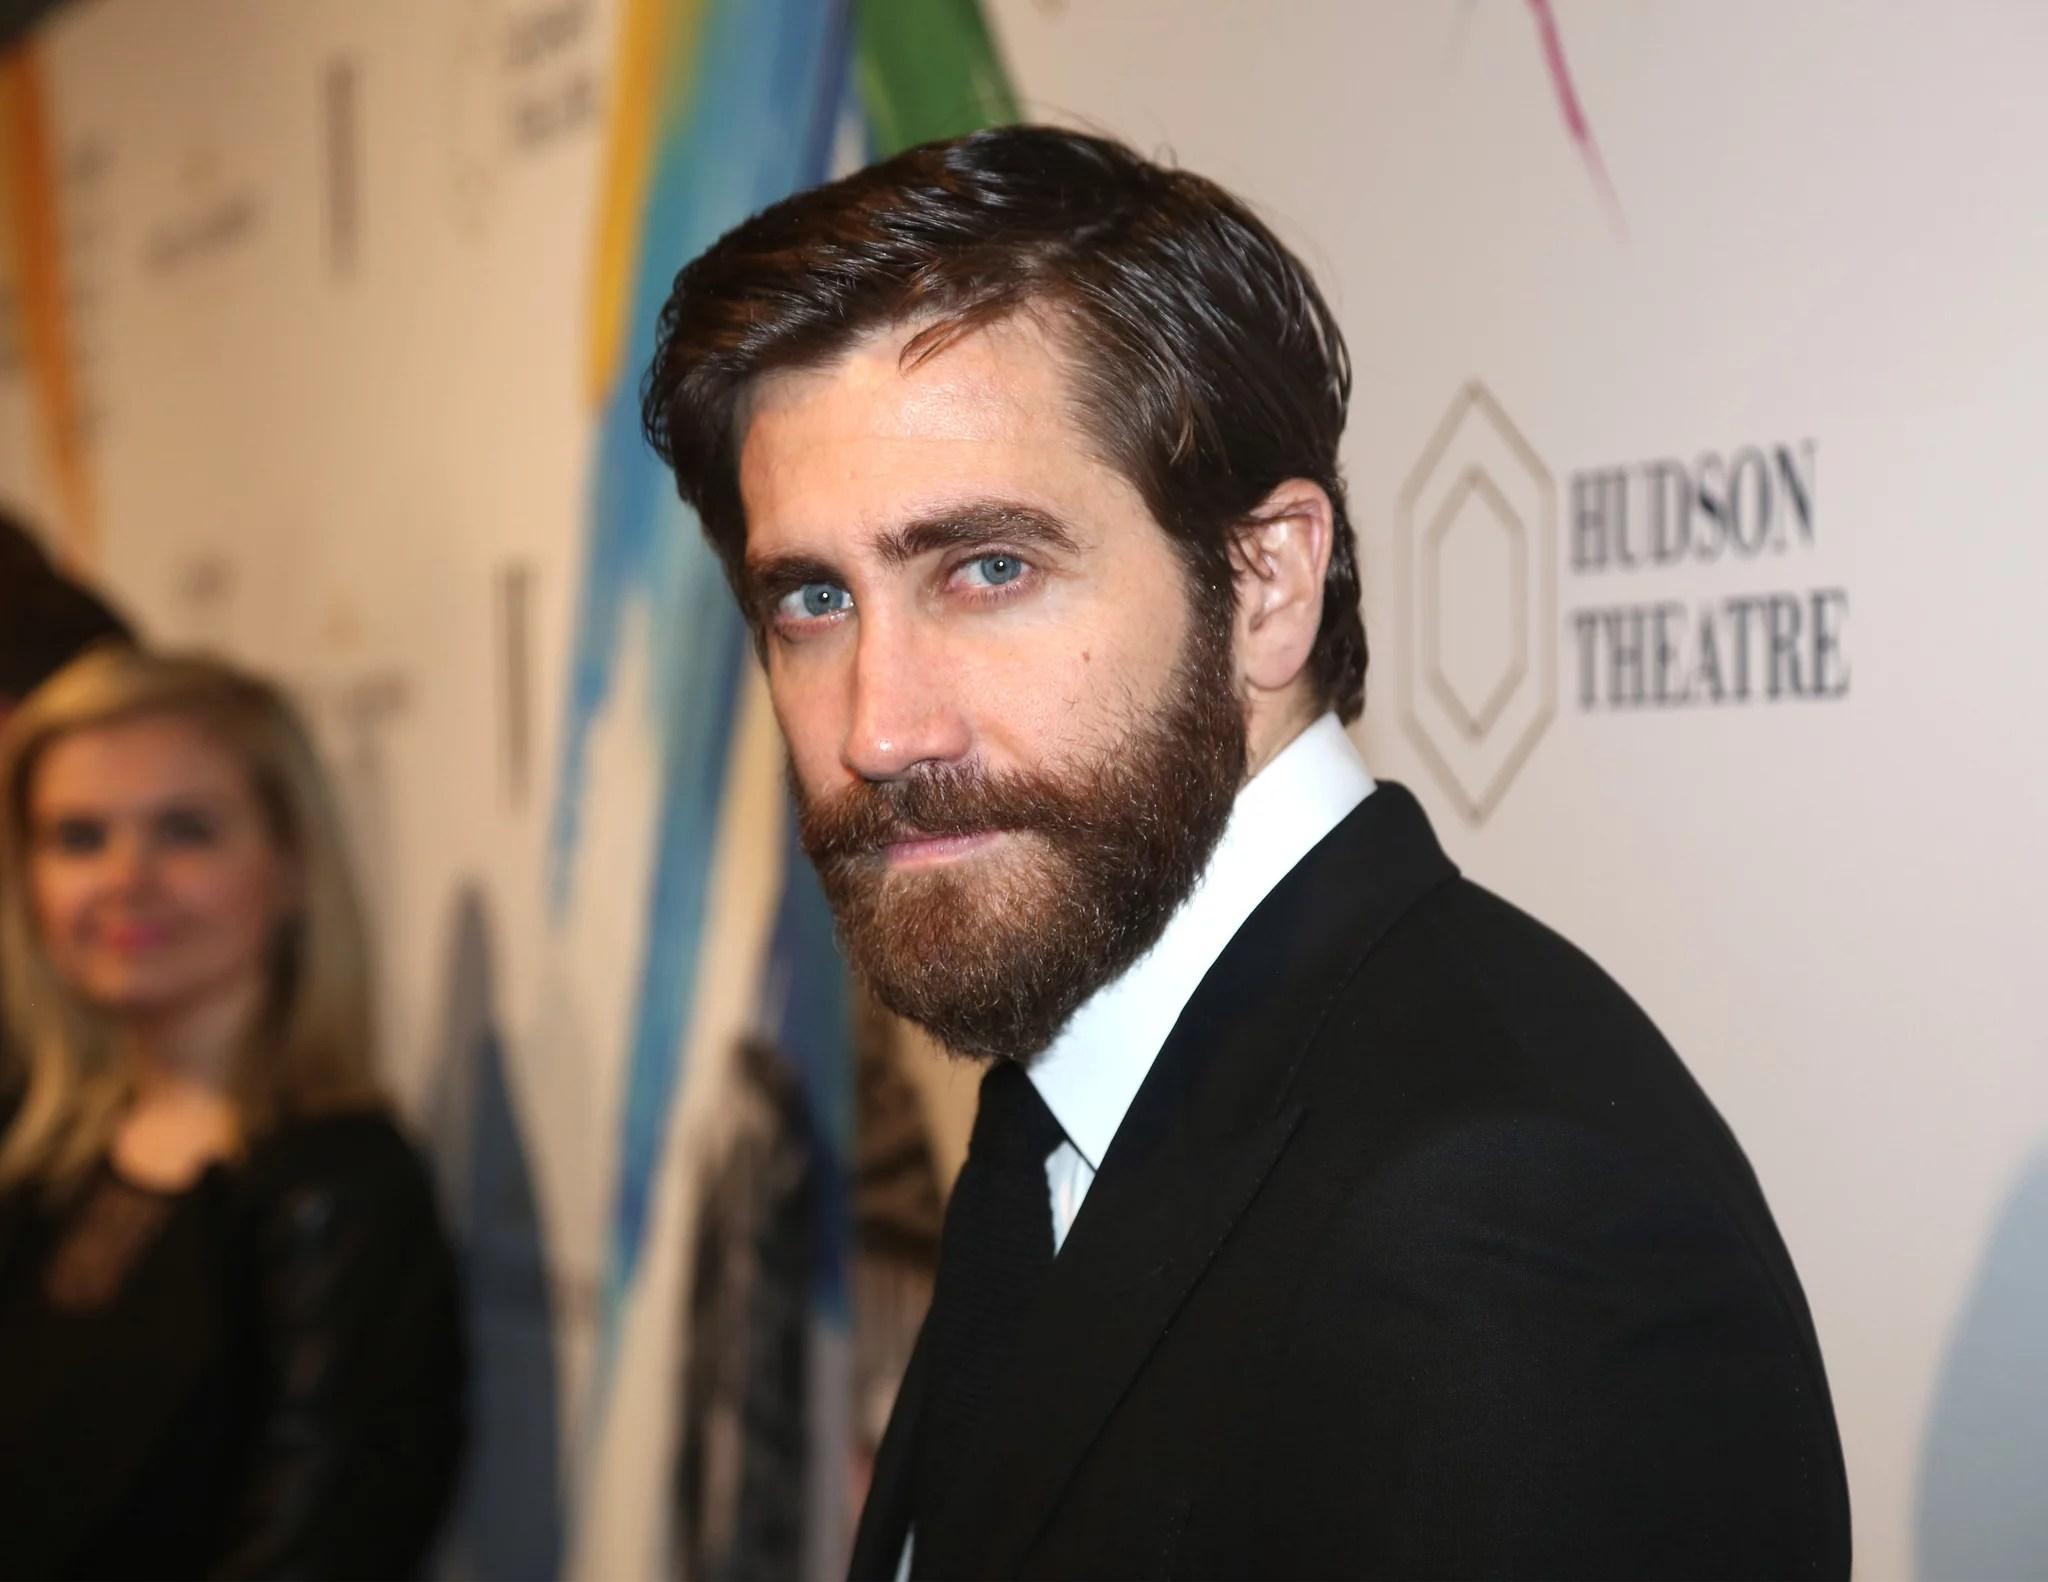 Jake Gyllenhaal non vuole parlare della sua relazione con Taylor rapido, GIUSTO?